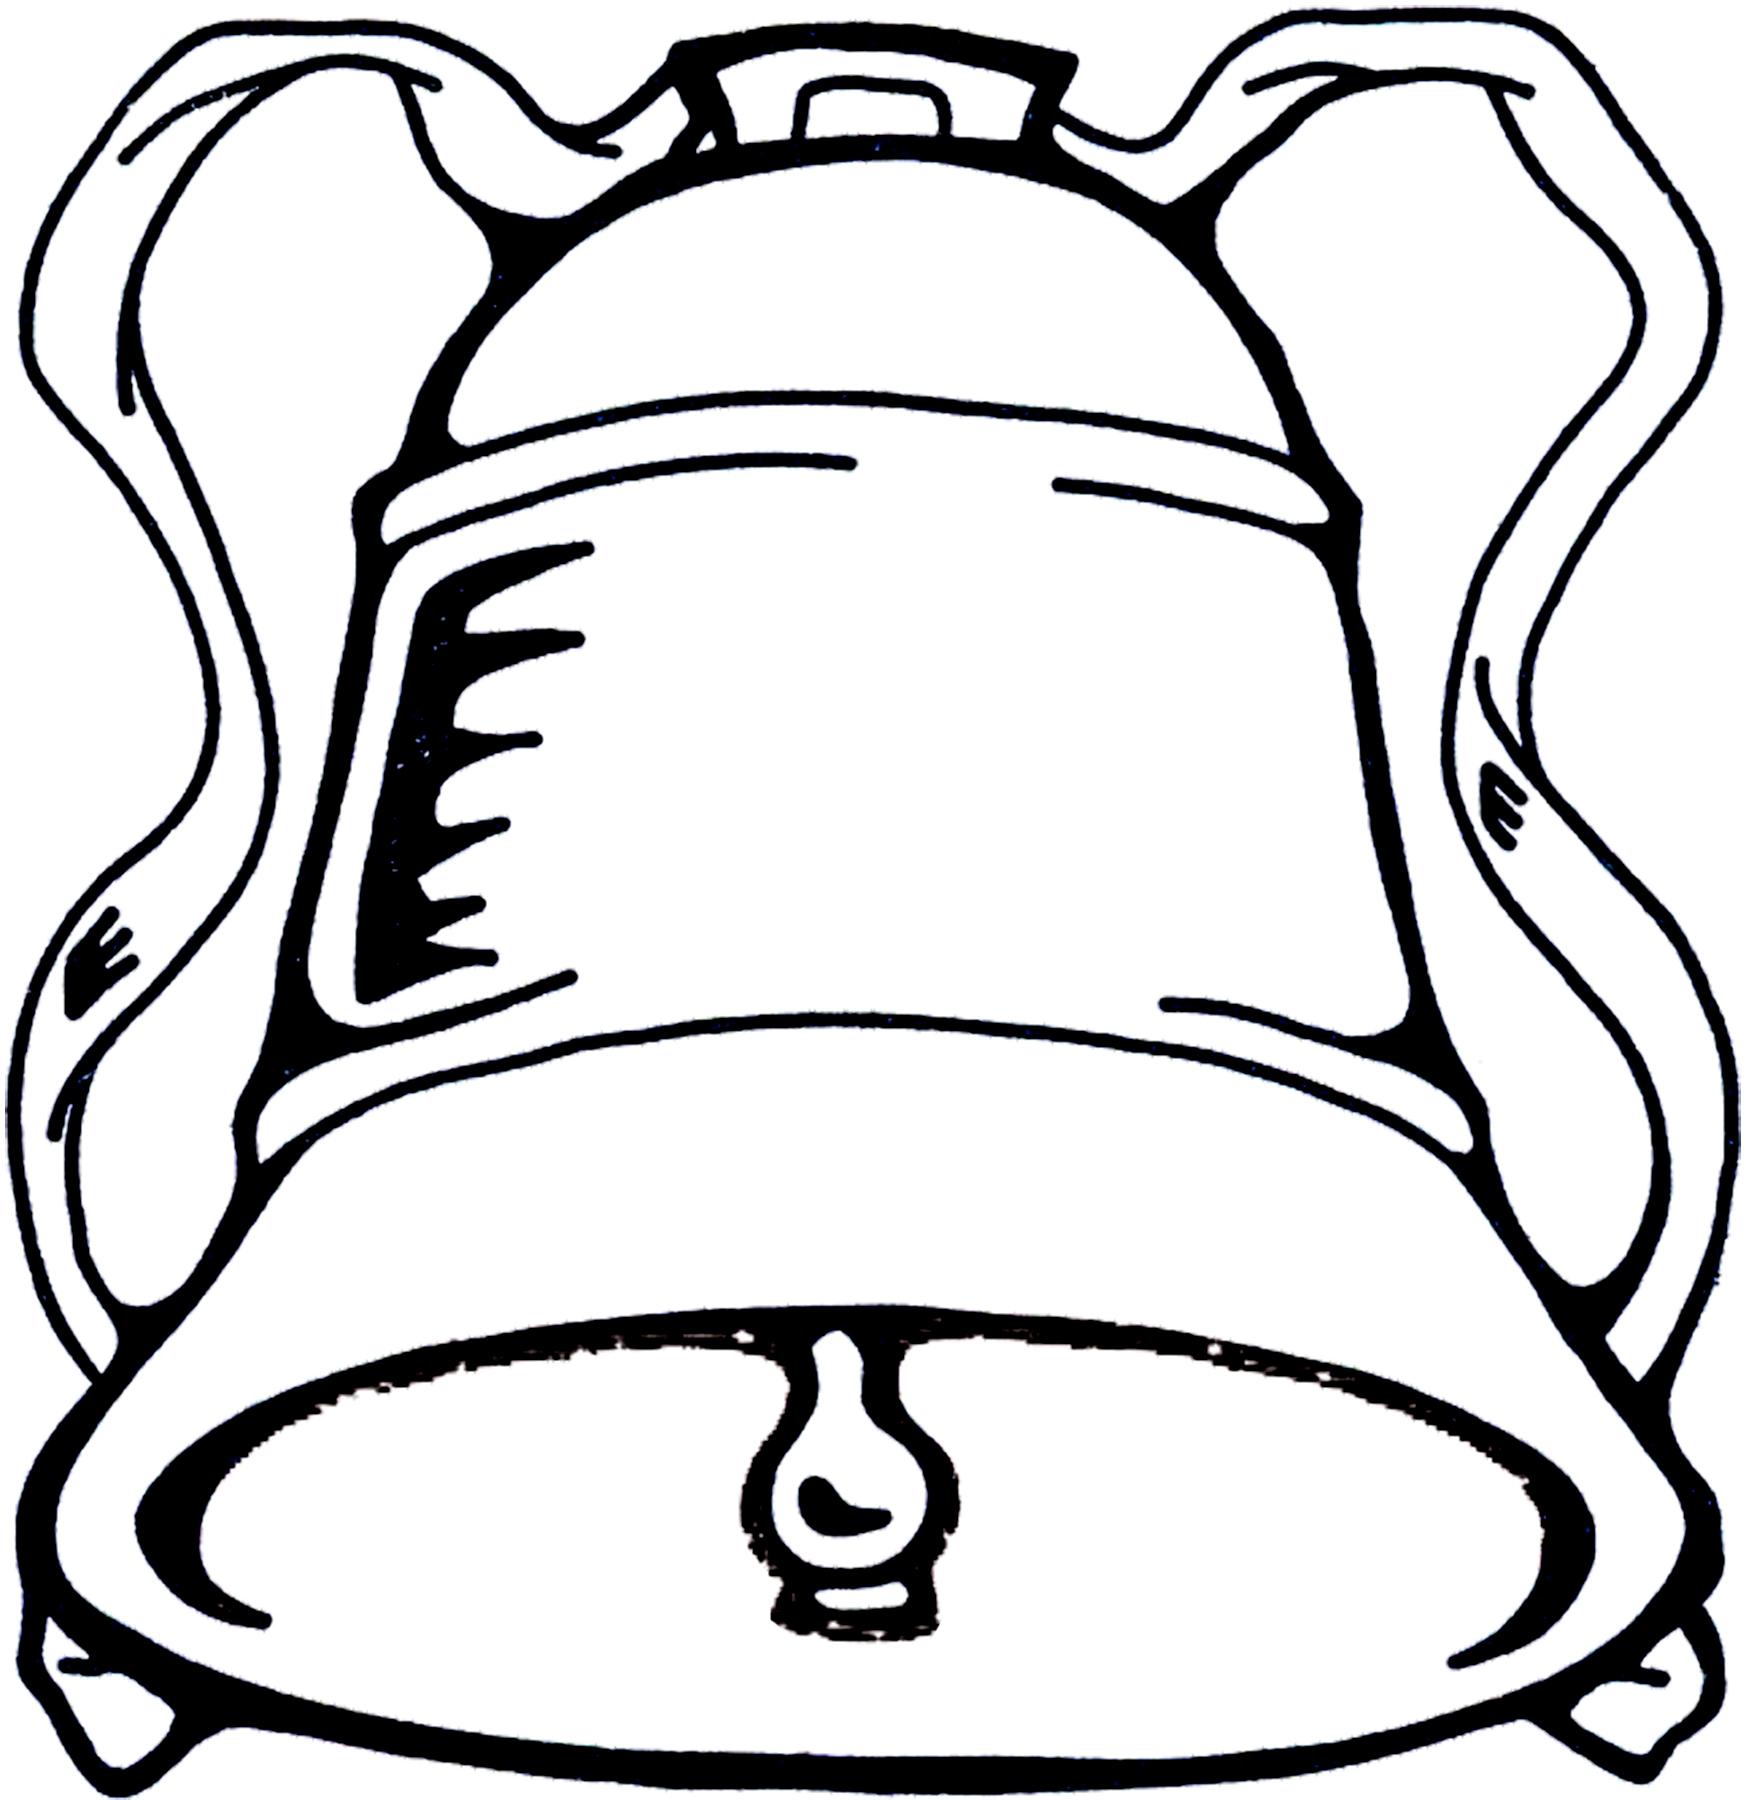 Christmas Bell Image